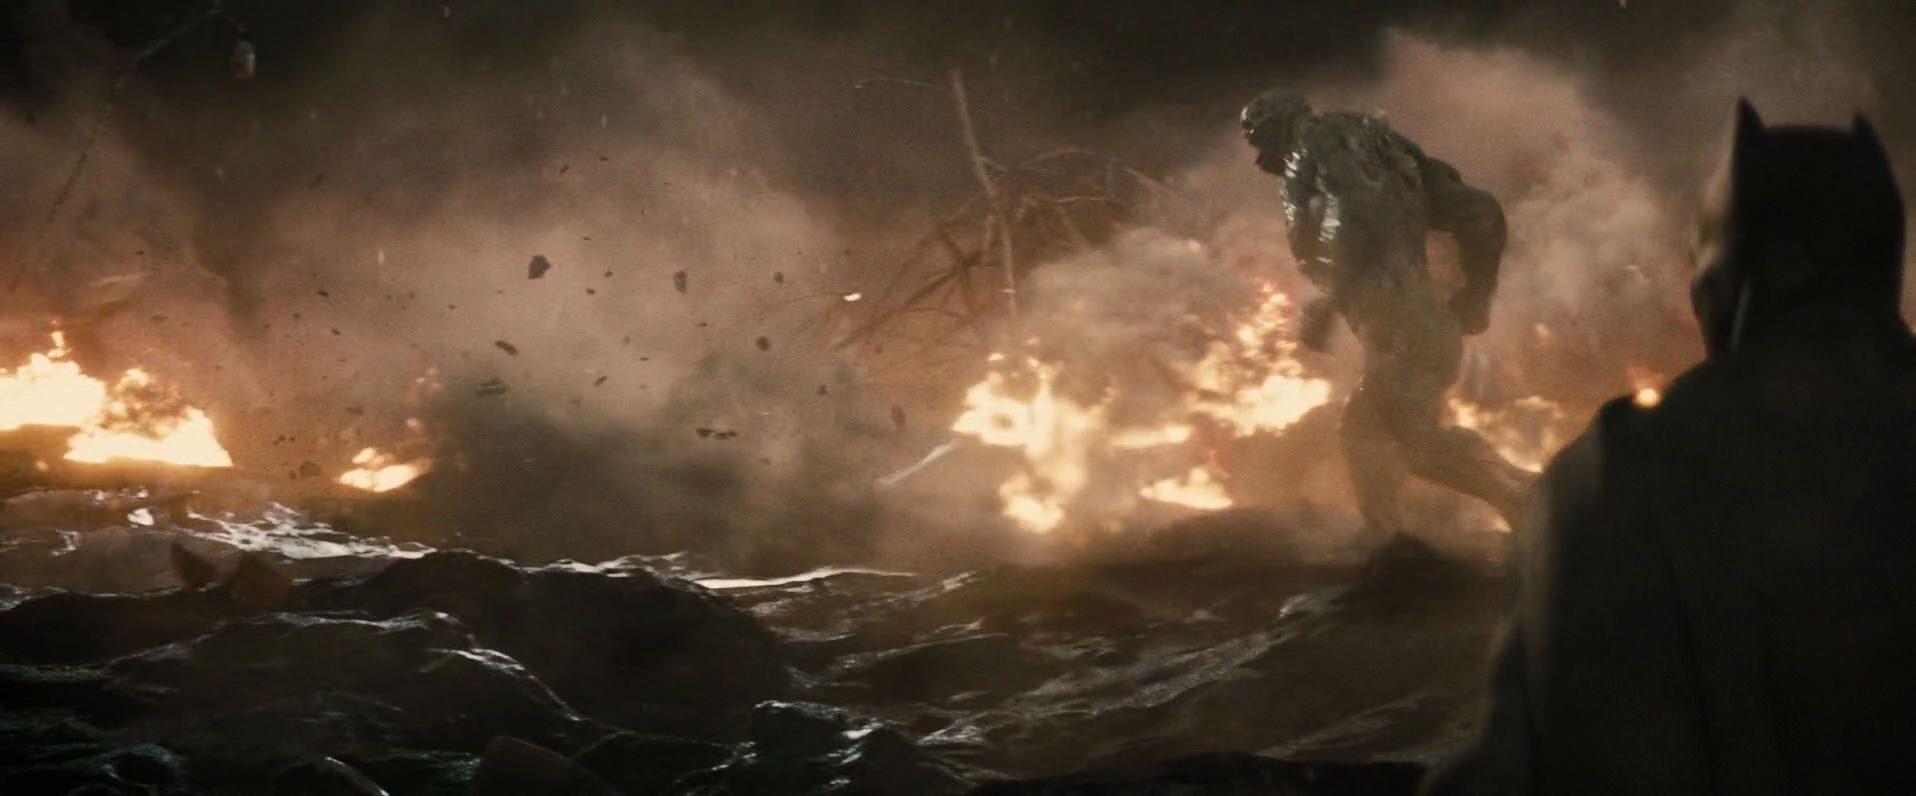 batman-v-superman-movie-screencaps.com-18306.jpg